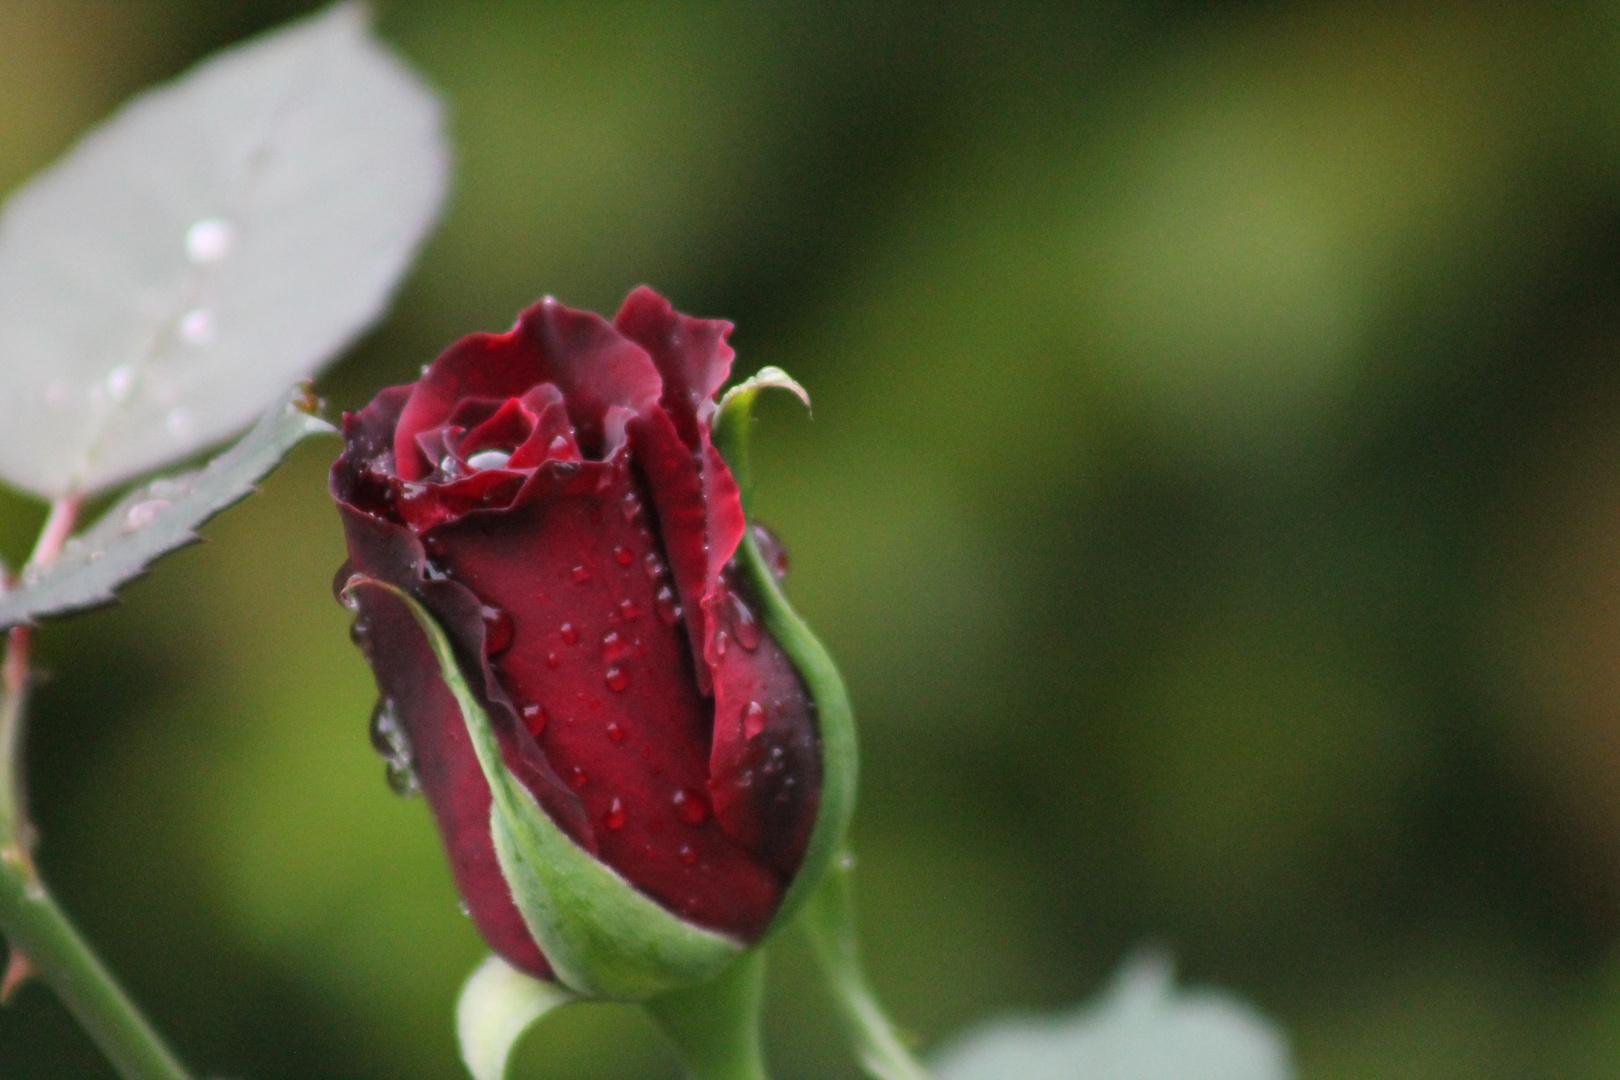 eine Rose nach dem Regen